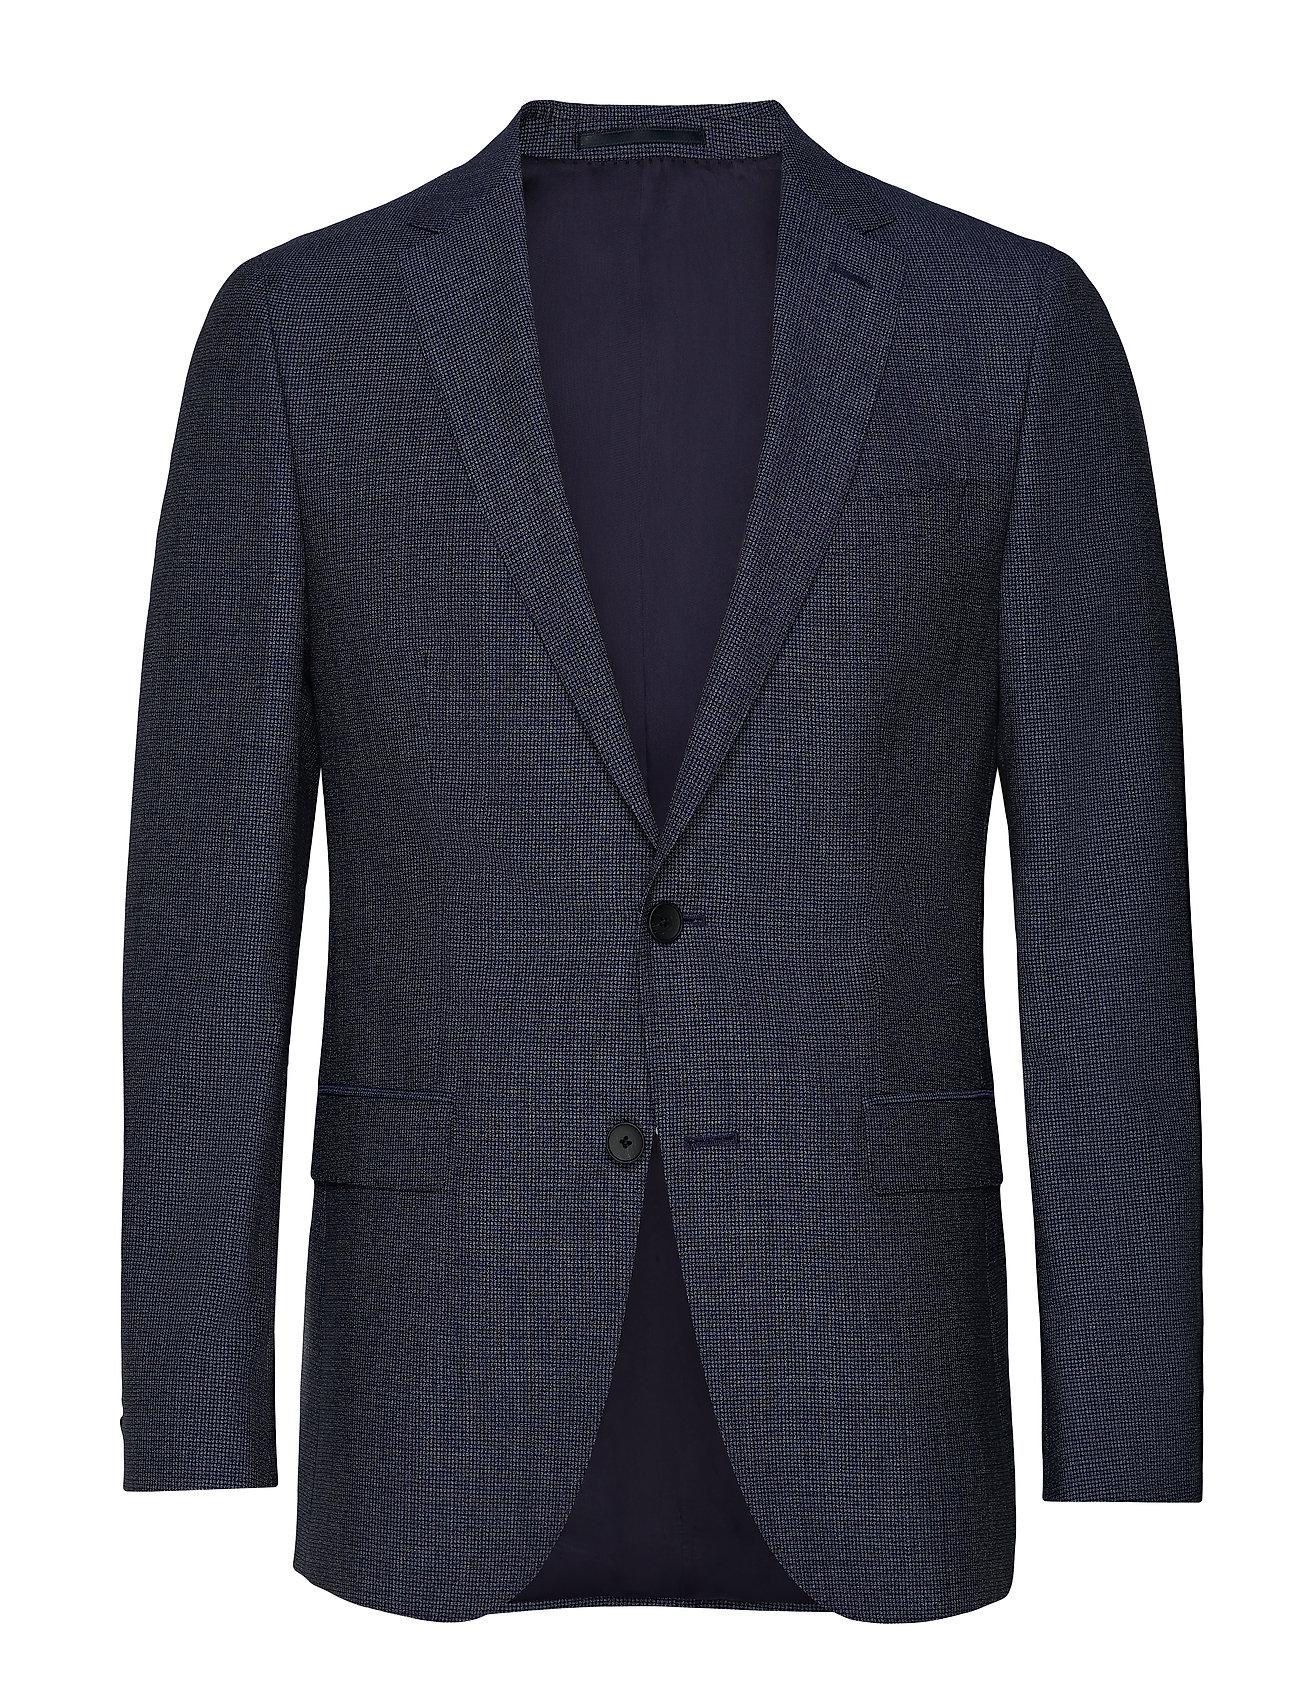 BOSS Business Wear Novan6 - OPEN BLUE